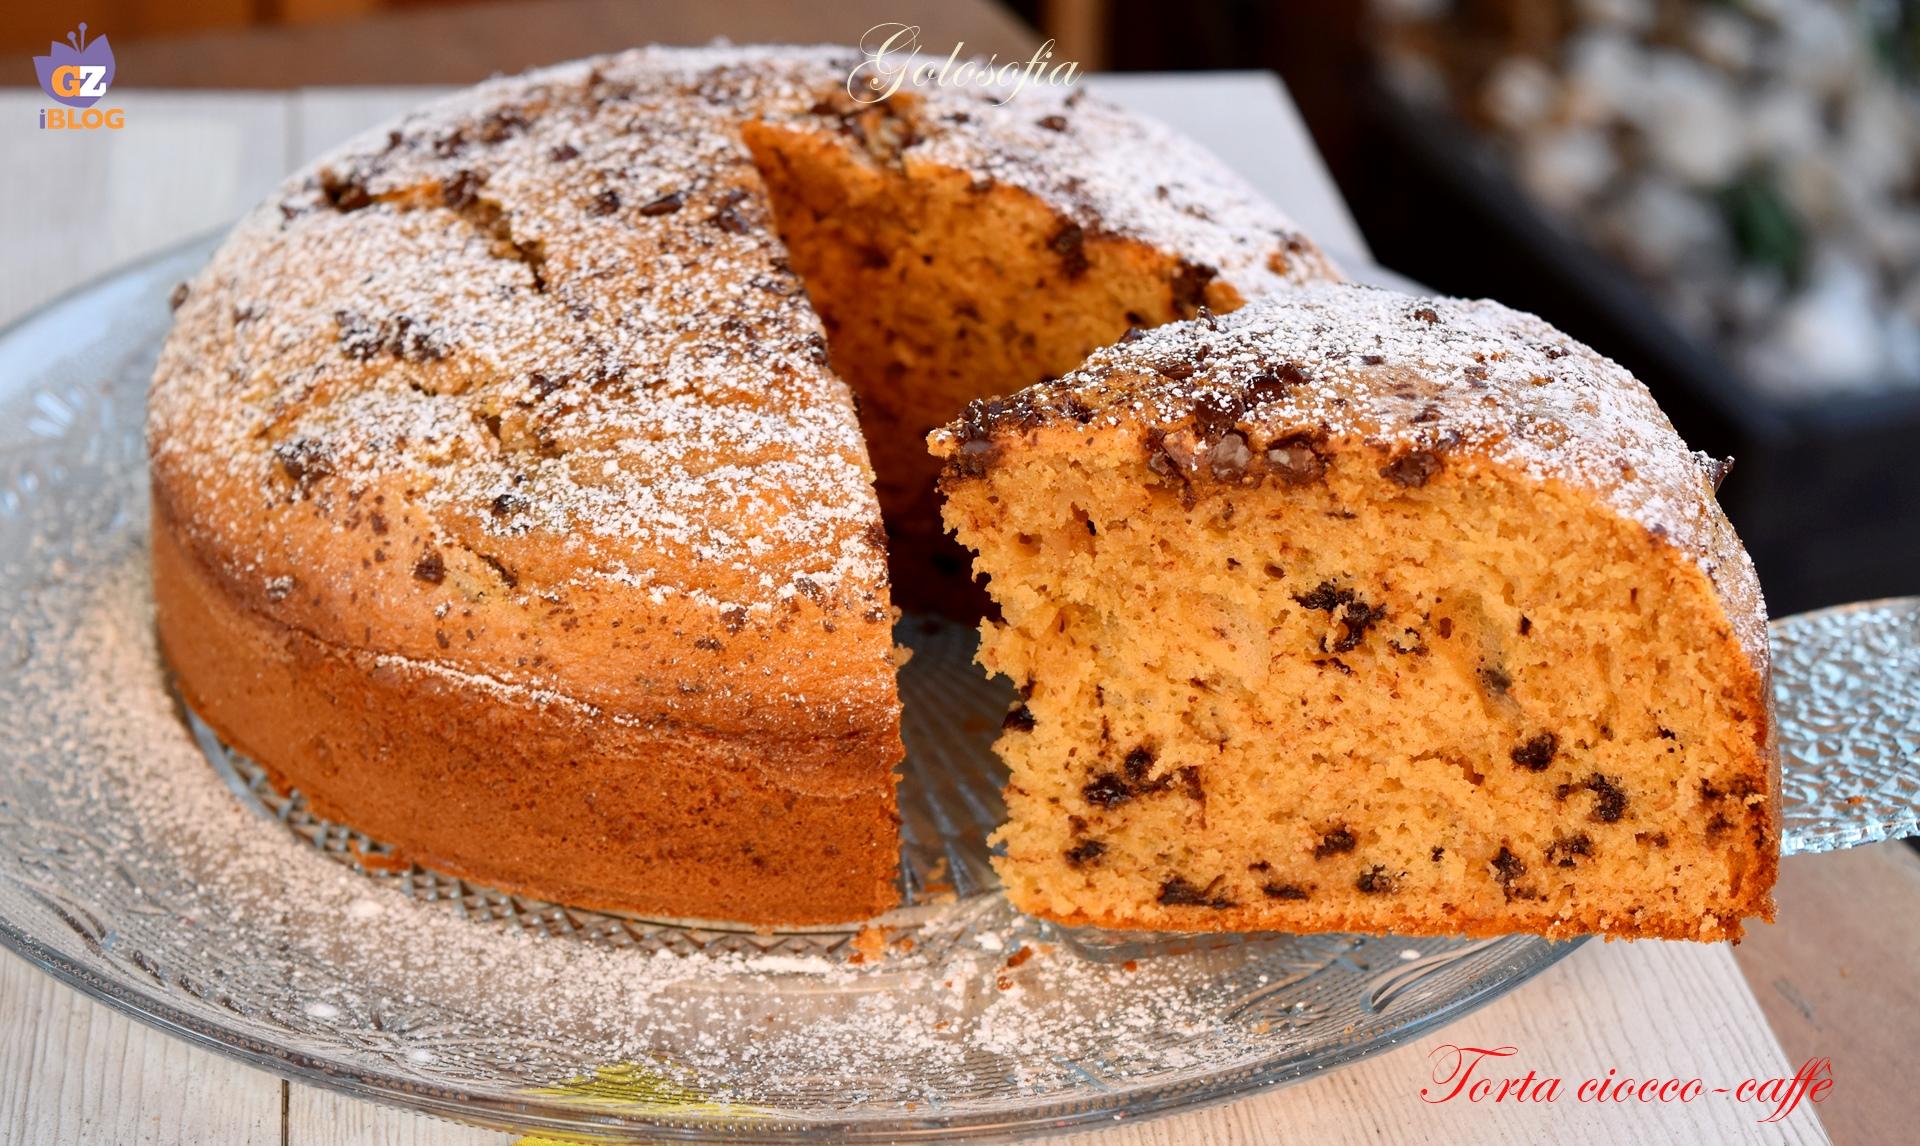 Torta Soffice Ciocco-caffè, Ricetta Buonissima Senza Burro